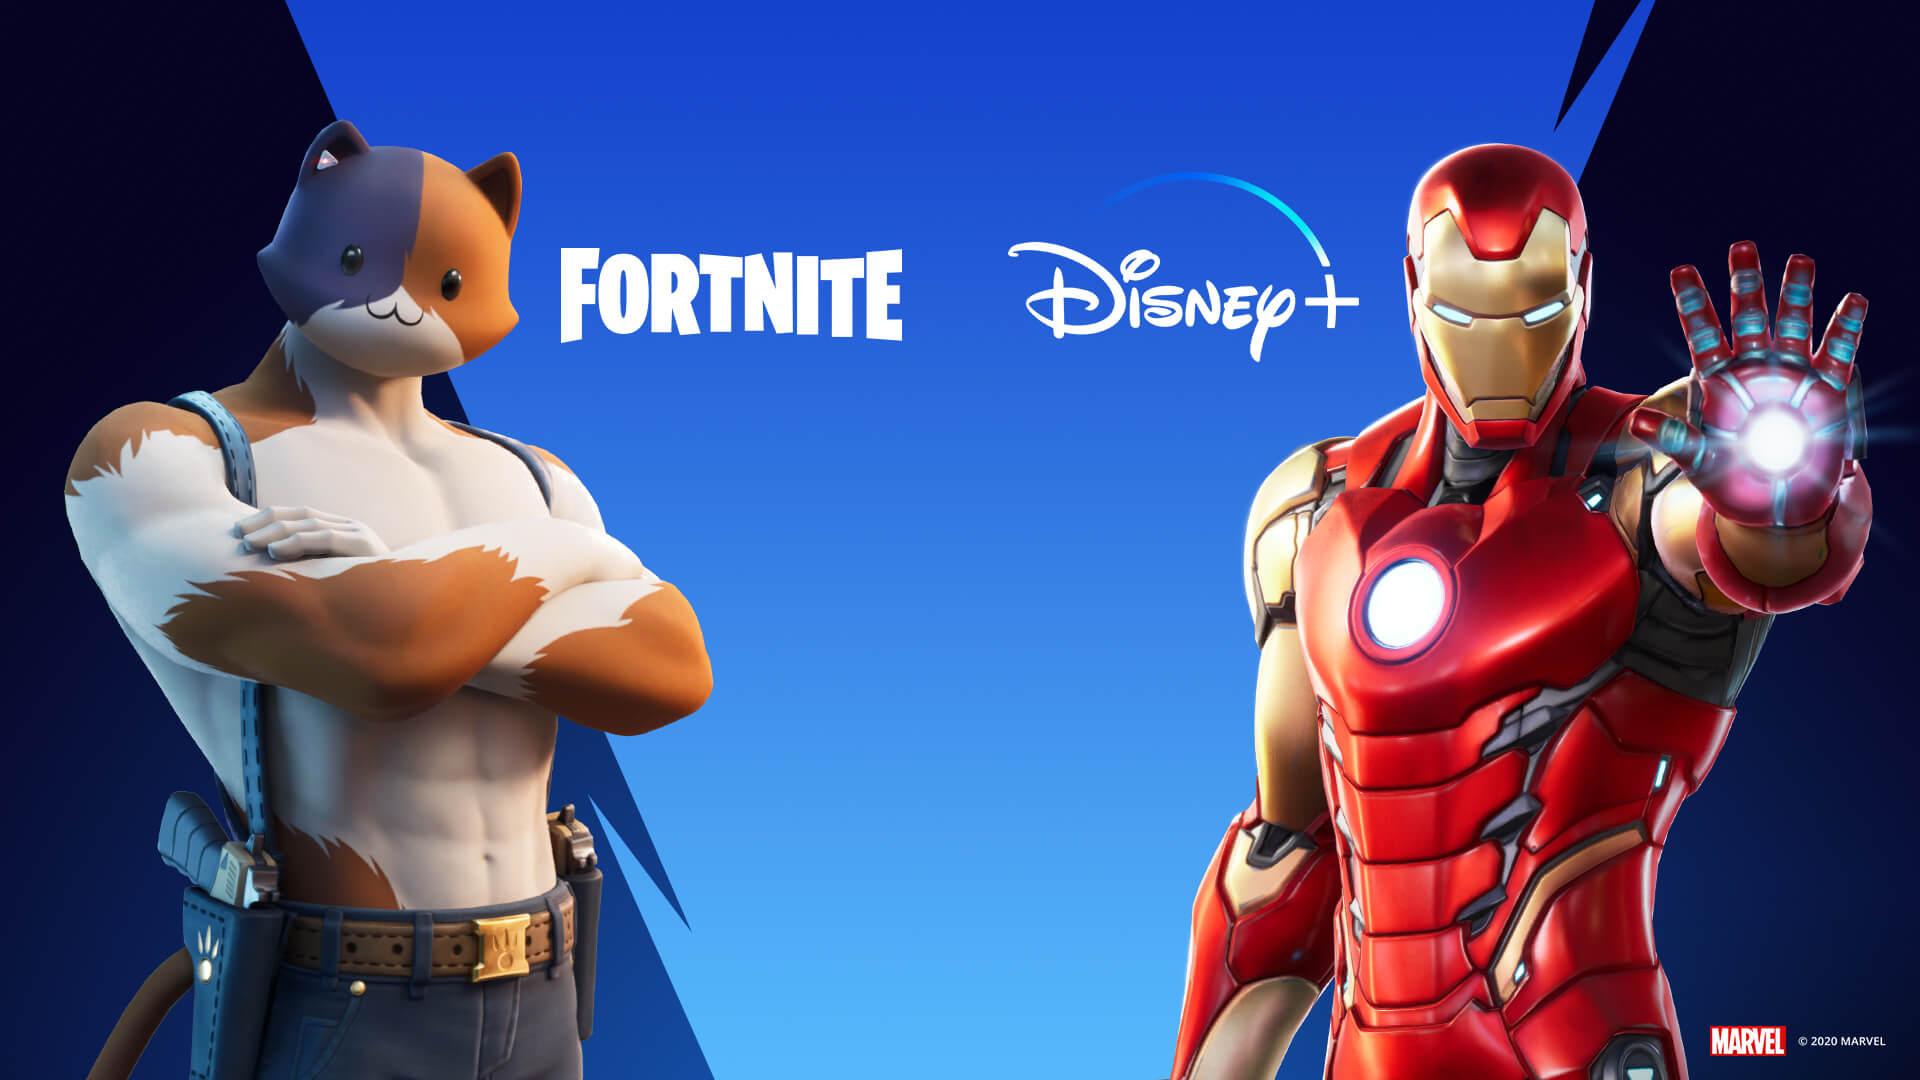 Fortnite x Disney+ 2 maanden gratis